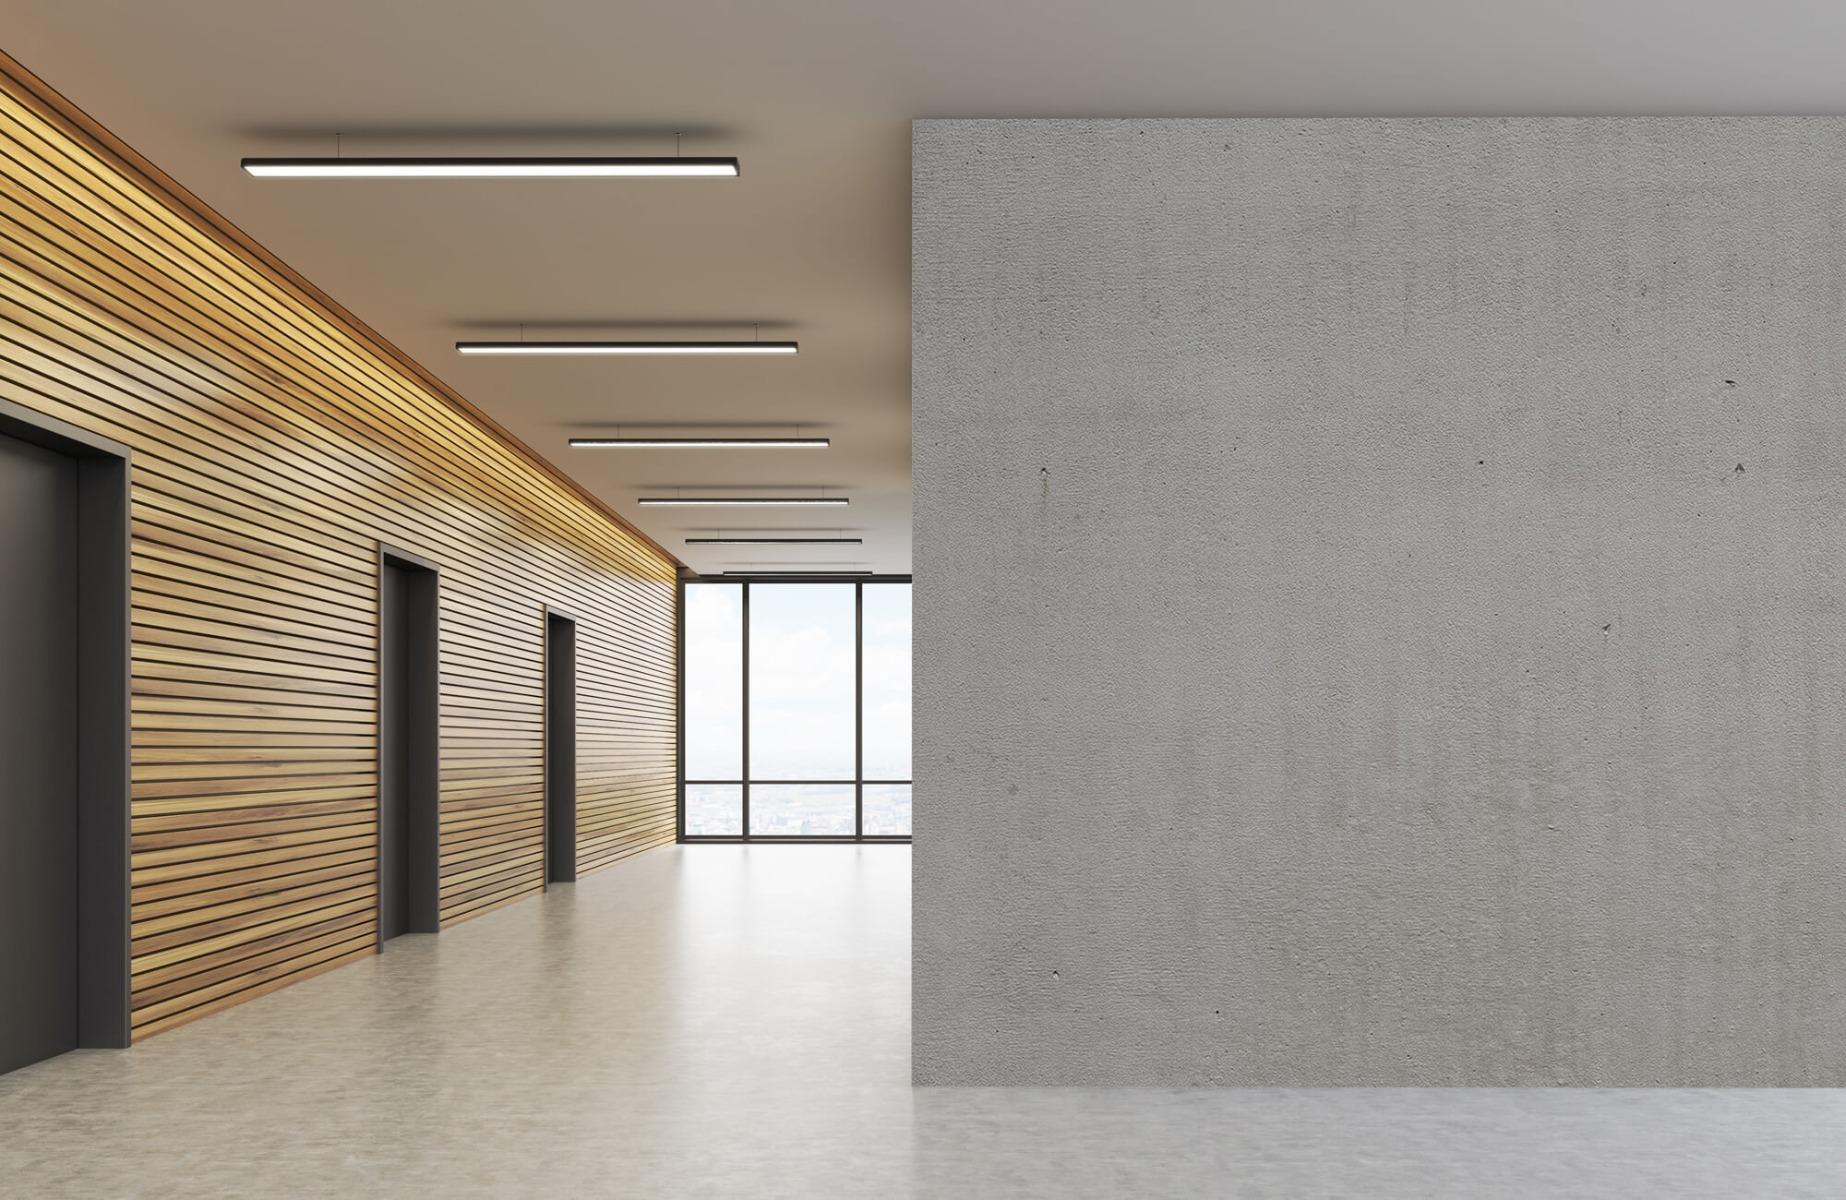 Betonlook behang - Grijs beton - Wallexclusive - Vergaderruimte 6